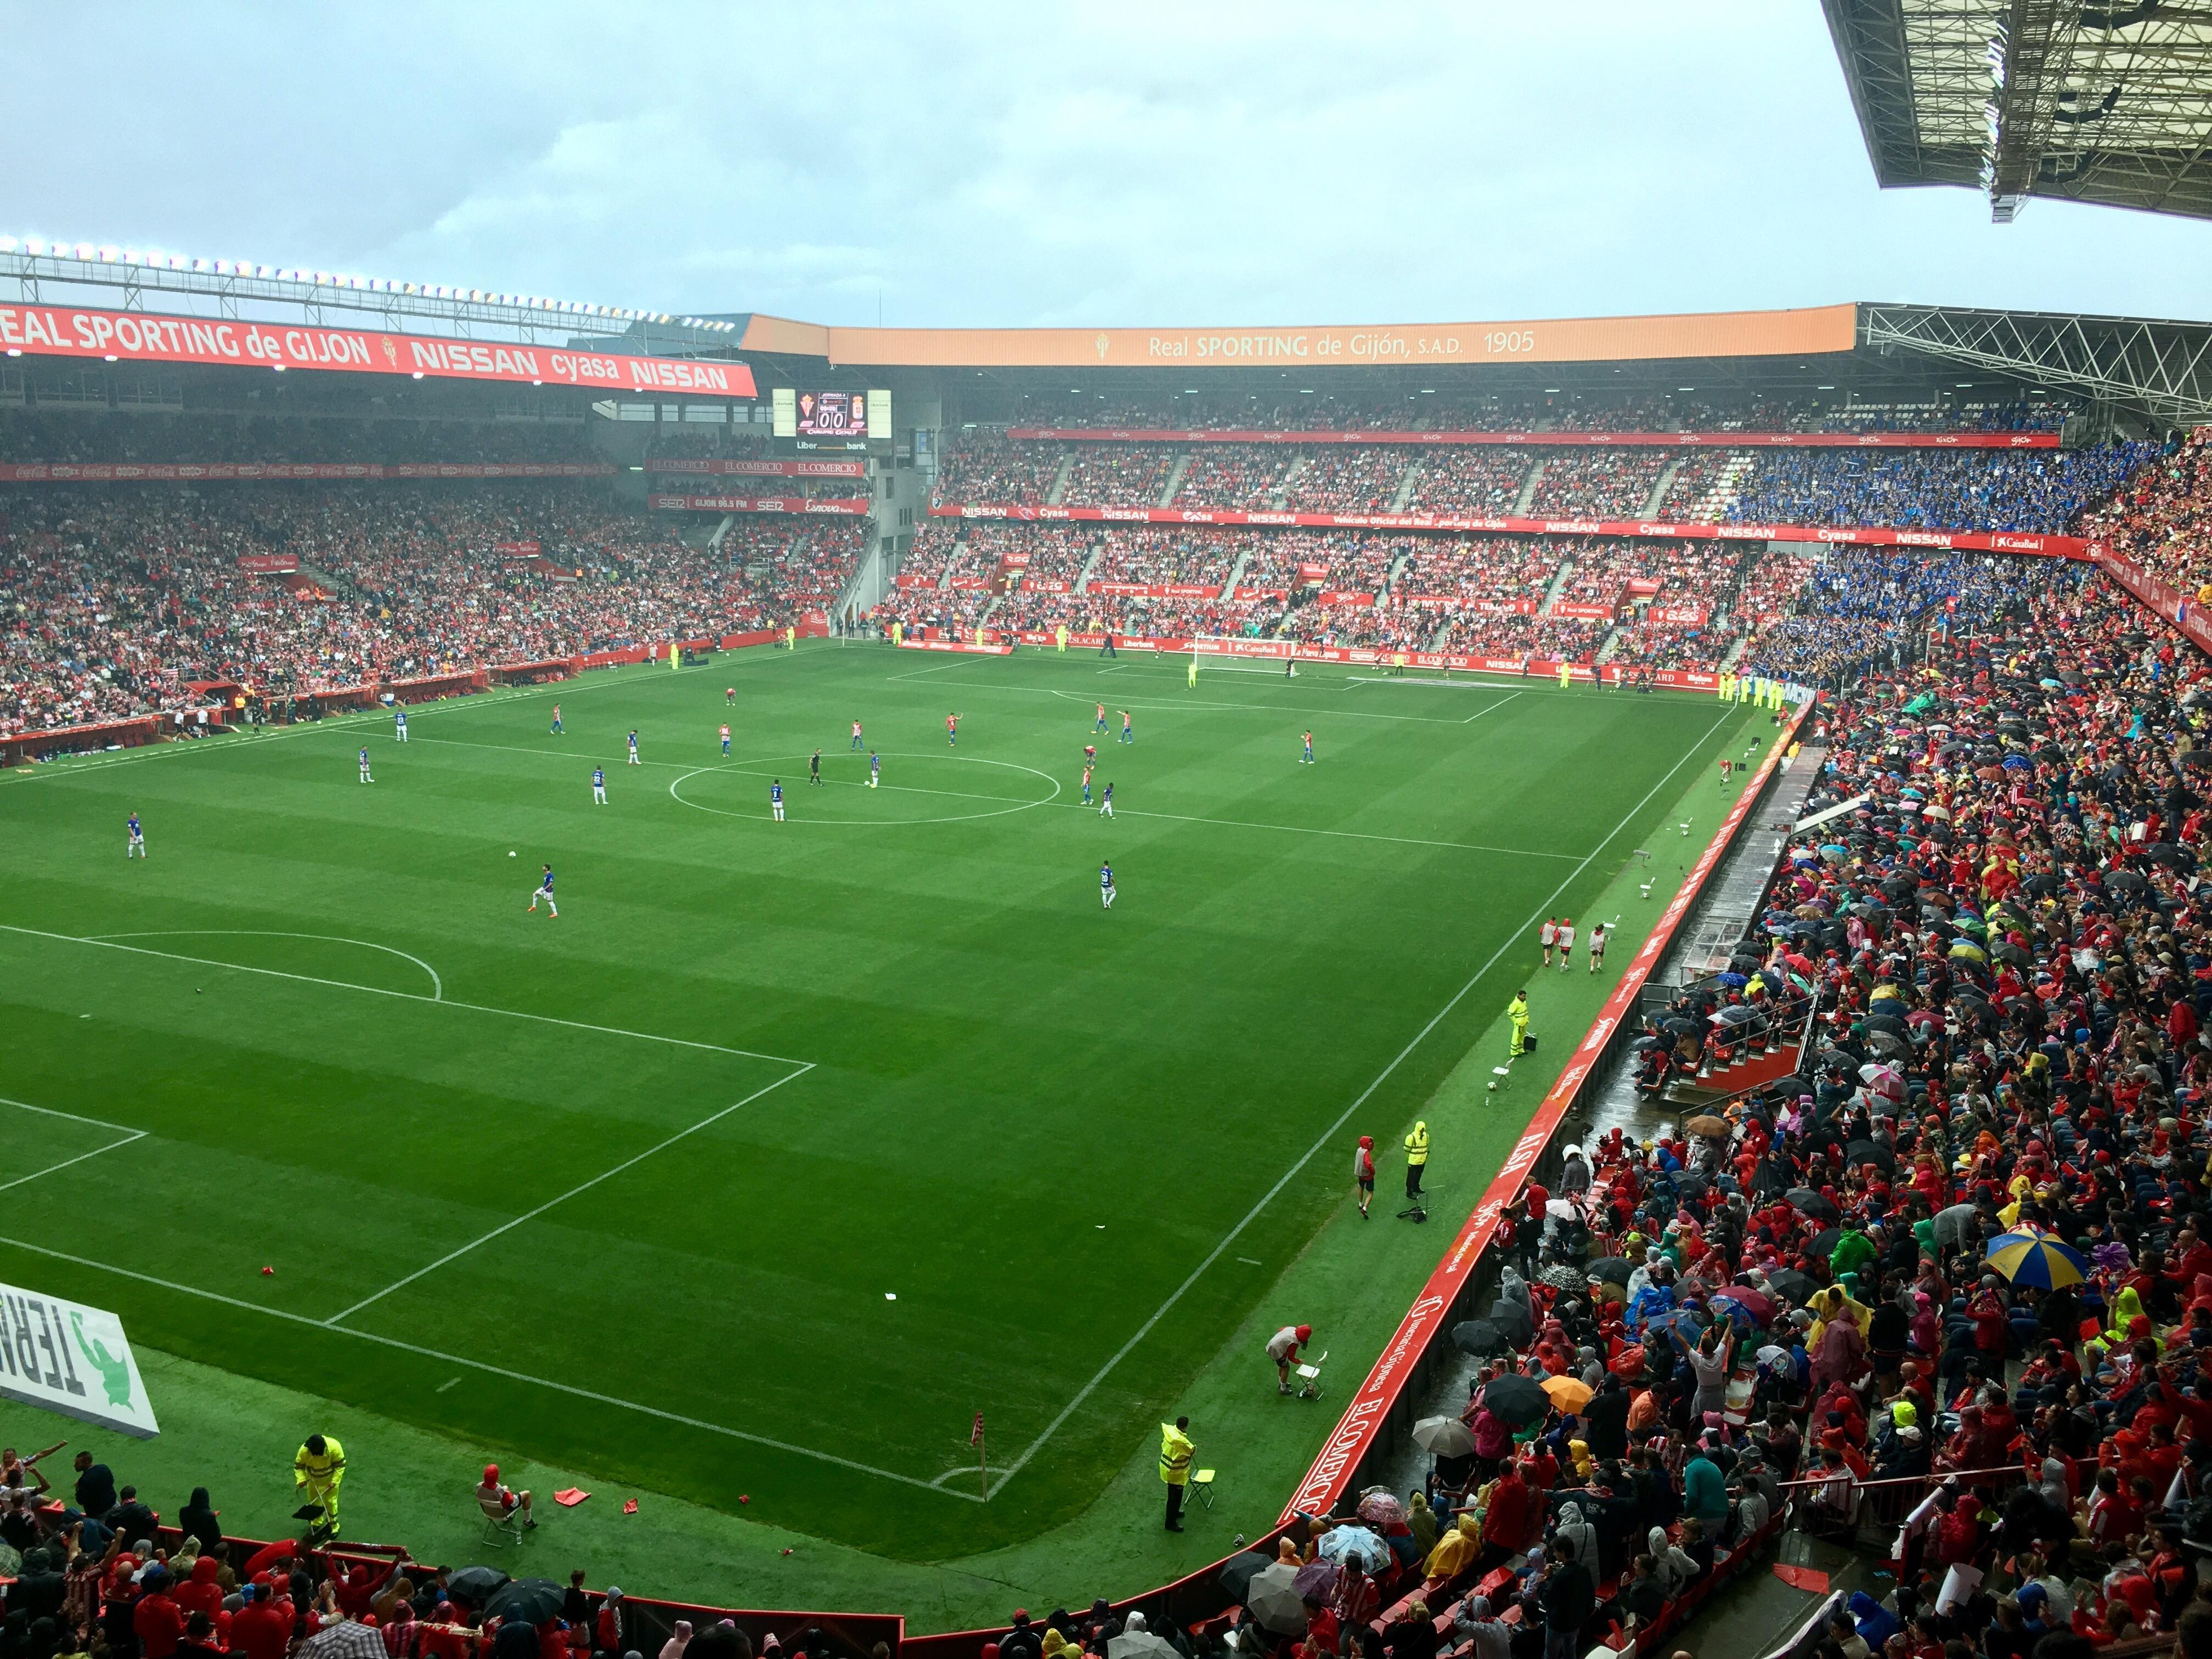 Estadio el molinon gijon fabulous nuevo estadio with estadio el molinon gijon aficionados del - Estadio del sporting de gijon ...